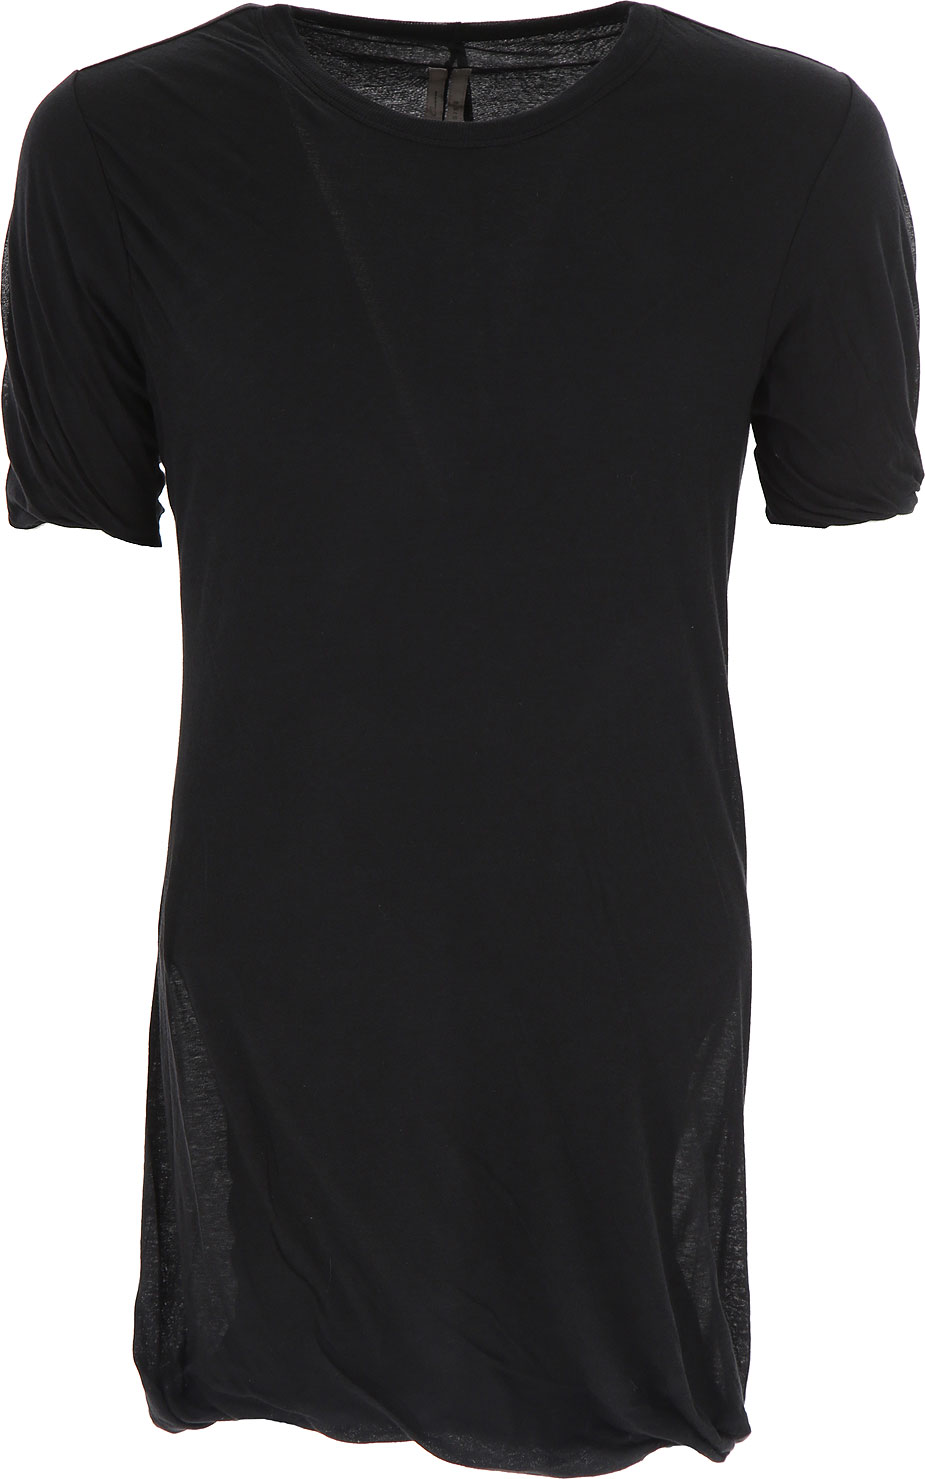 Abbigliamento Uomo Rick Owens, Codice Articolo: ru18s5256-uc-